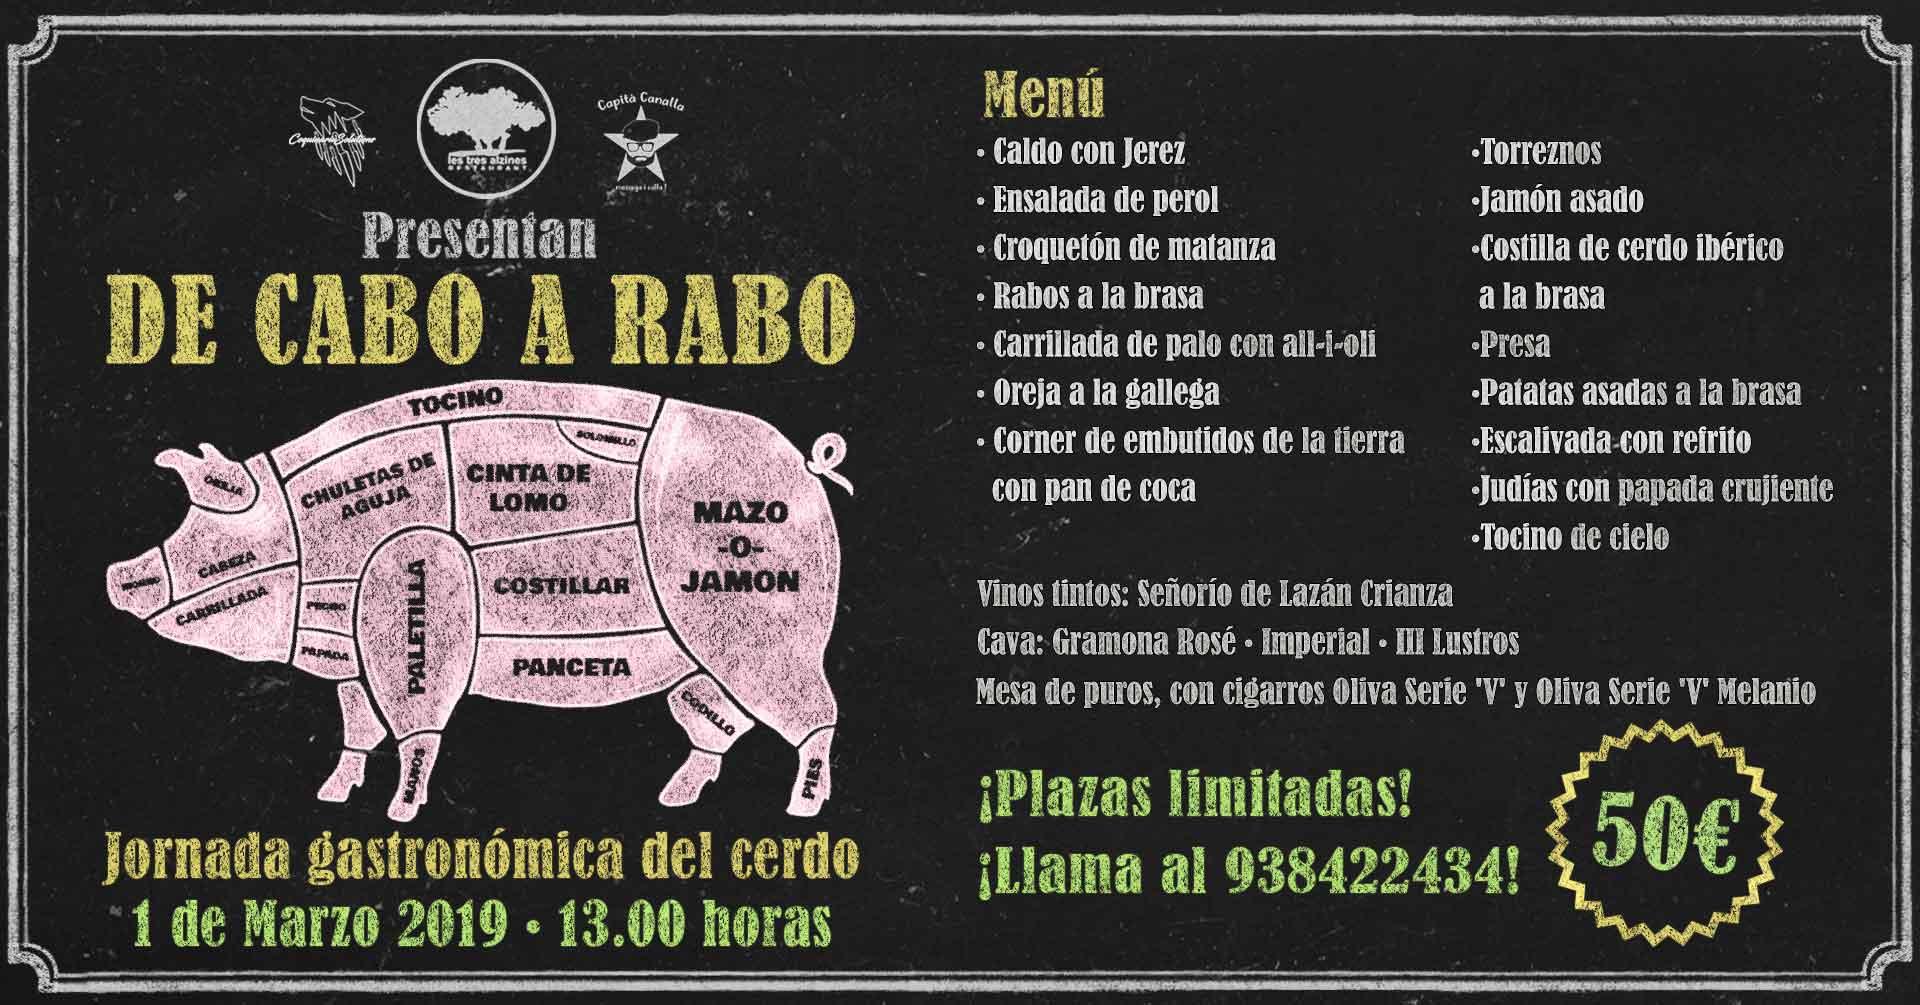 Restaurante braseria en La Roca Village - Les Tres Alzines - De cabo a rabo